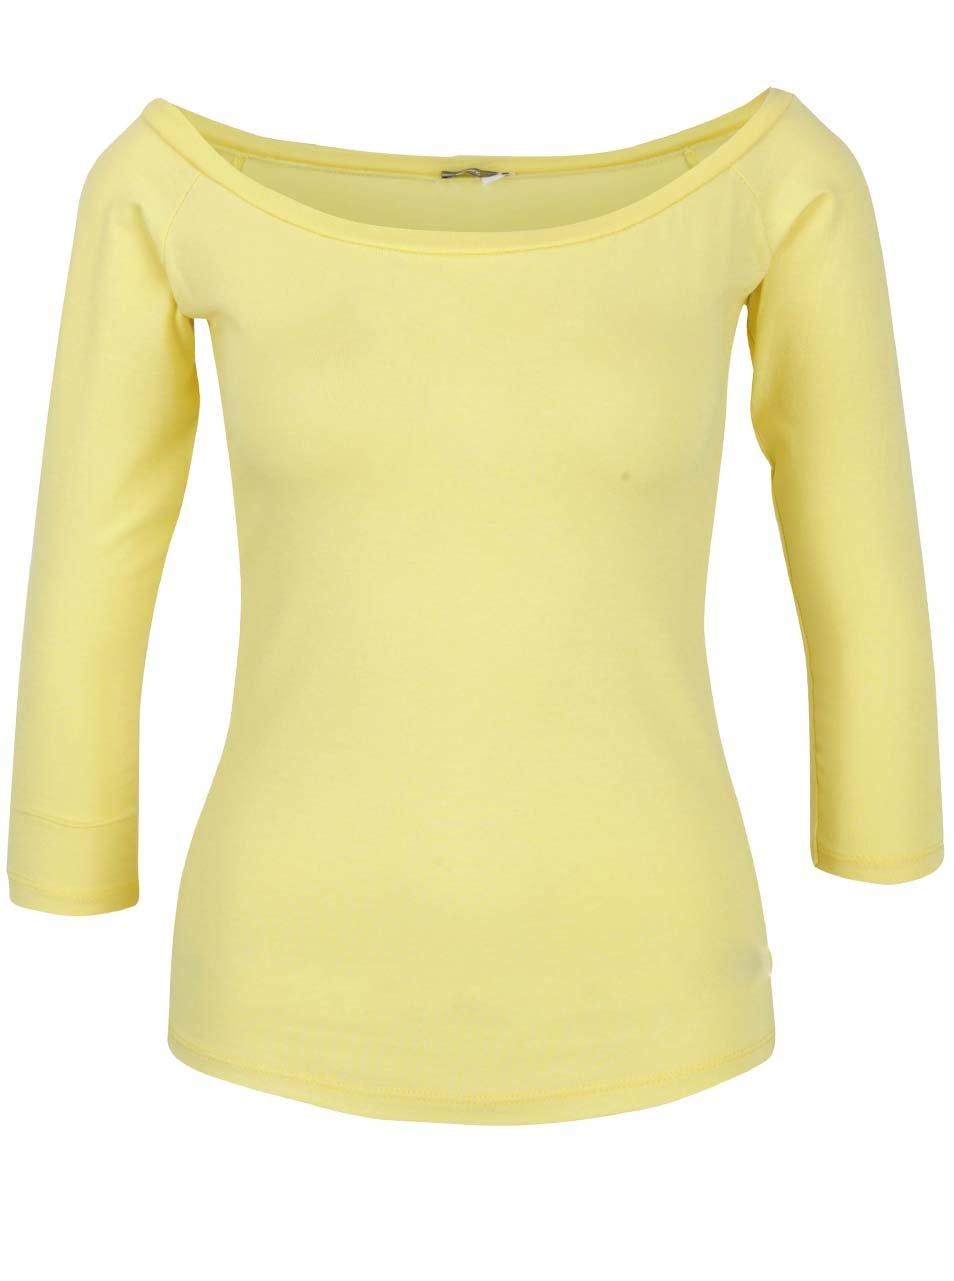 ab80f283a294 Žlté tričko s lodičkovým výstrihom ZOOT ...